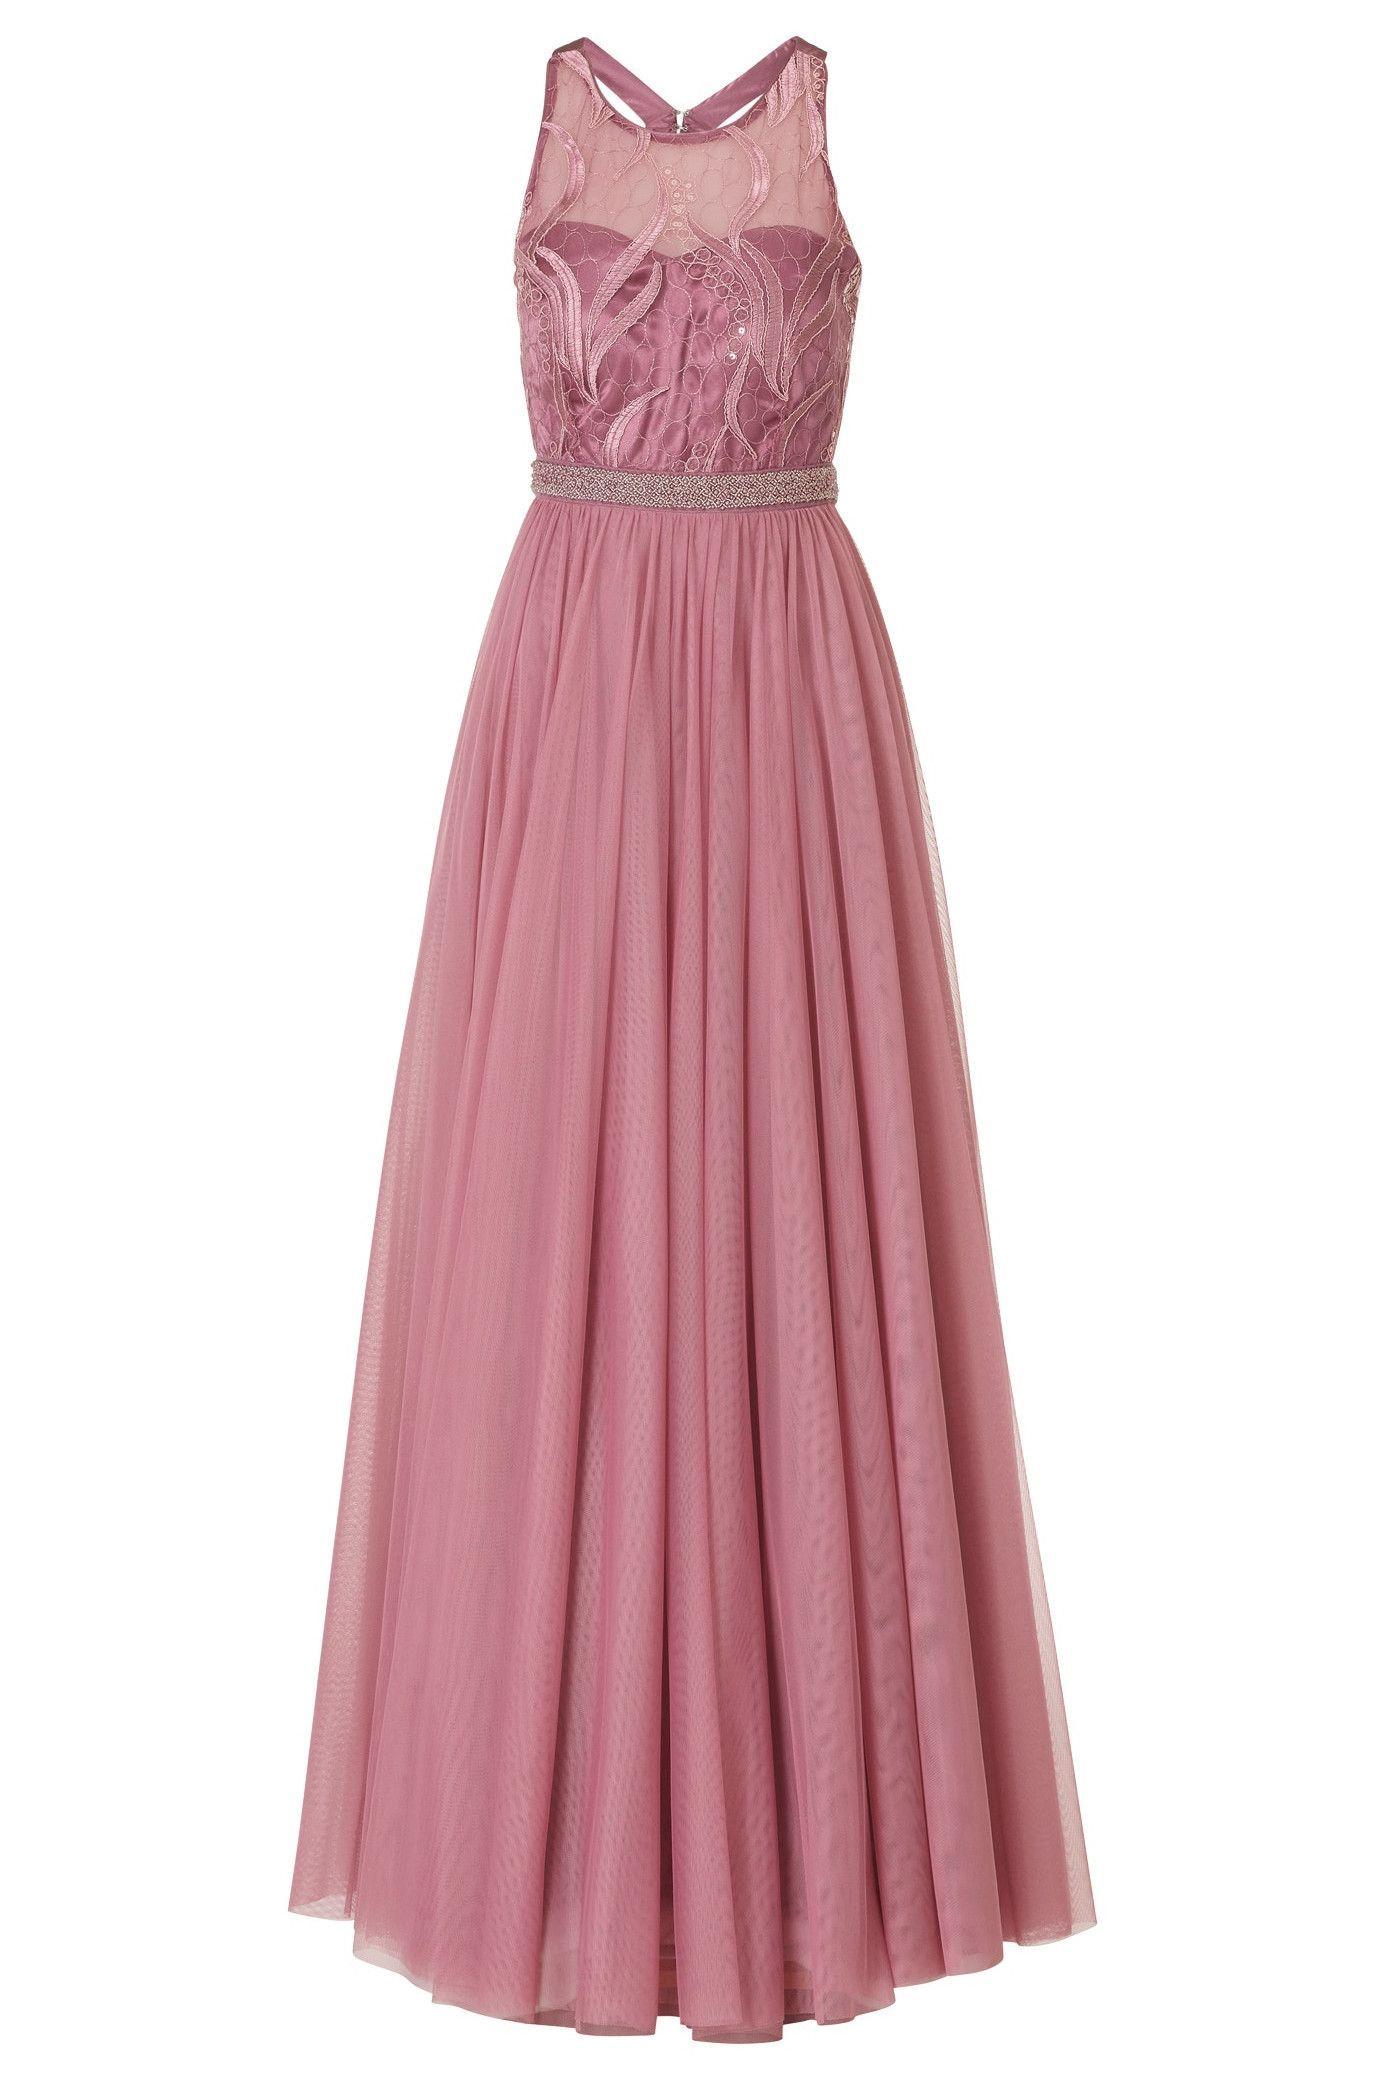 Ruckenfreies Abendkleid In Altrosa Von Vera Mont In 2020 Brautjungfern Kleider Ruckenfreies Kleid Abendkleid